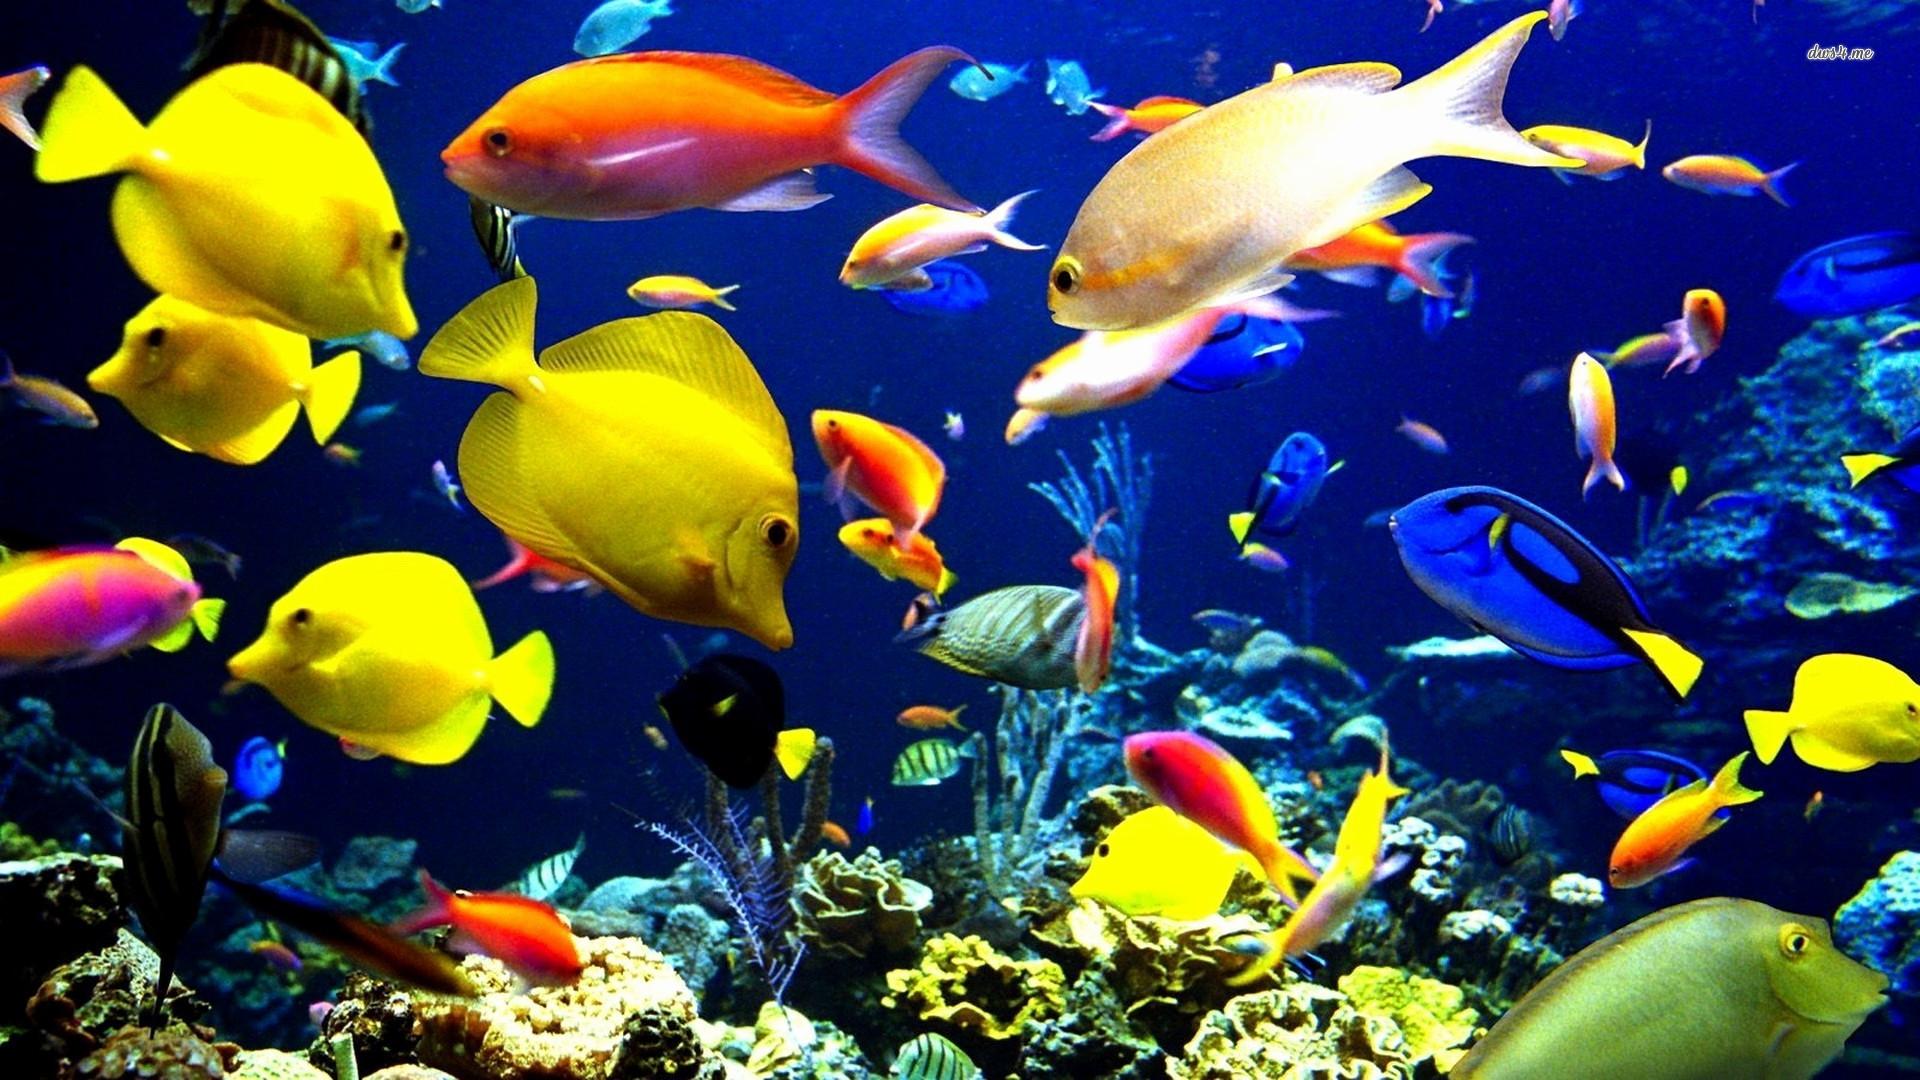 Res: 1920x1080, Live Fish Wallpaper Best Of Fish Impremedia